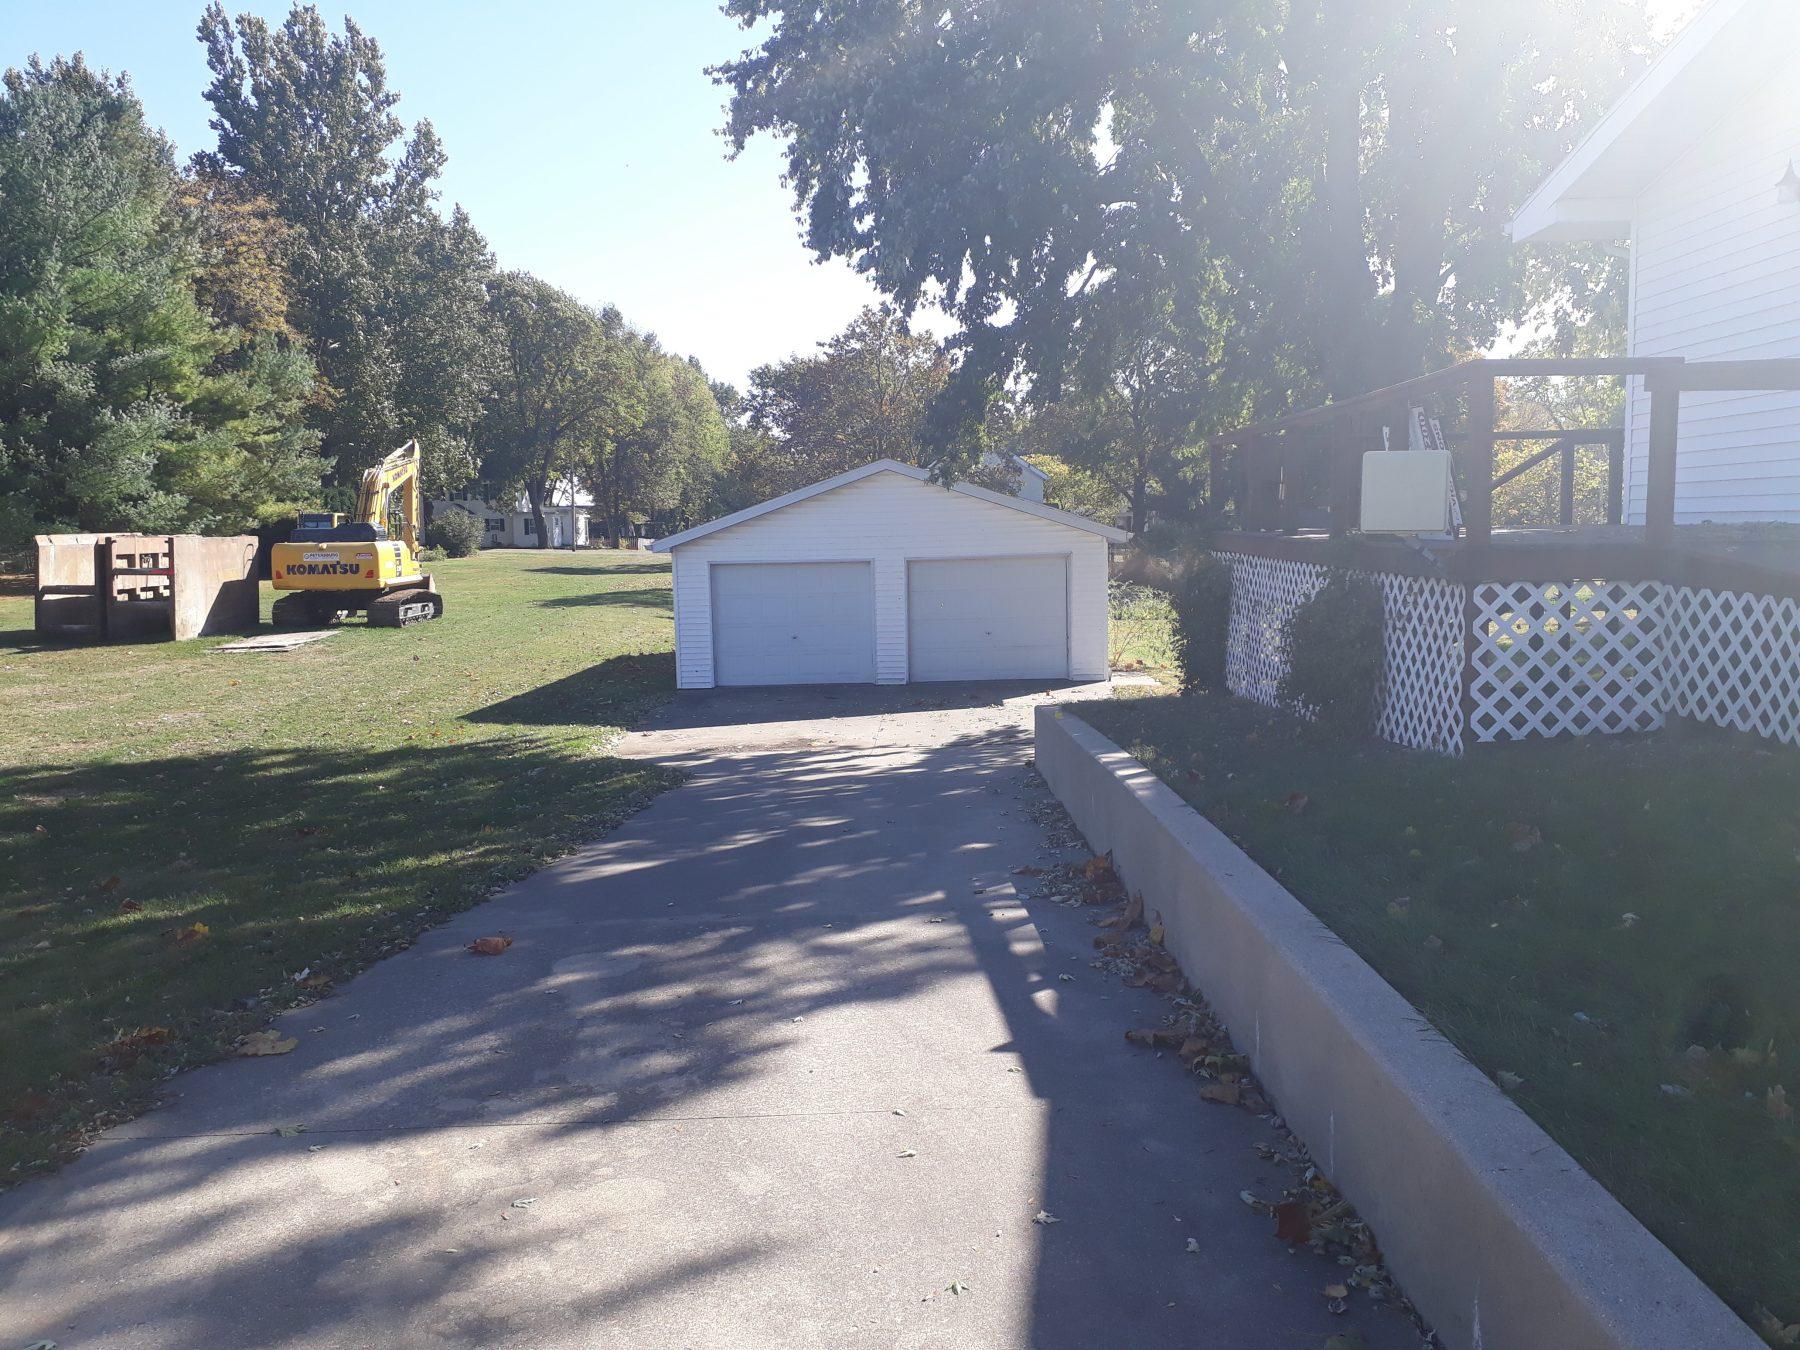 266 E Elm St Garage Front View